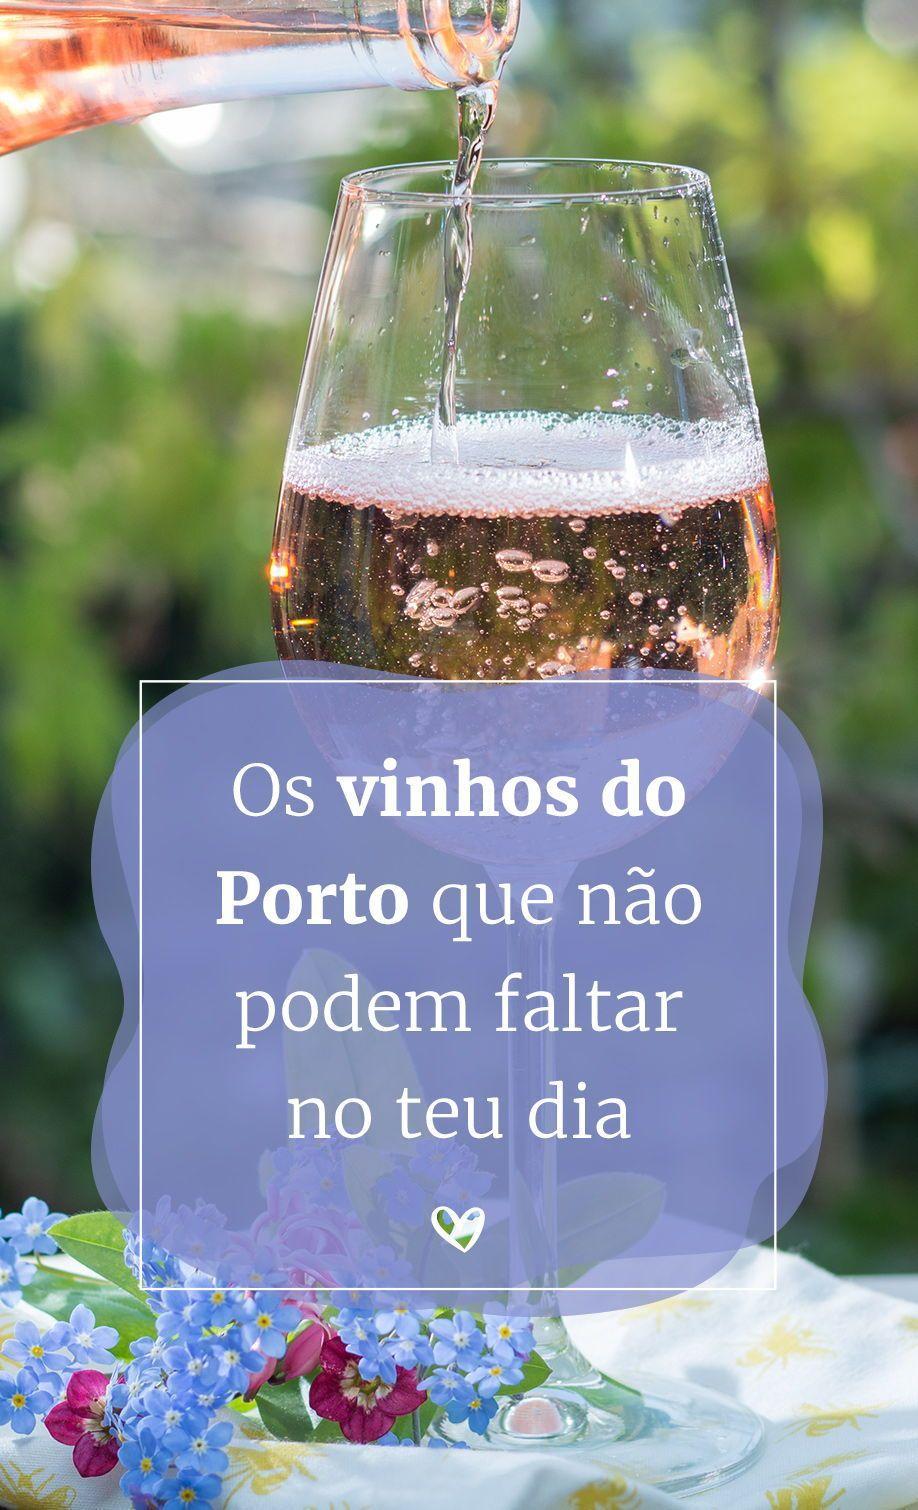 Os vinhos do Porto que não podem faltar no teu dia! #casamento #noivos #copodeágua #menu #bebidas #bar #vinhodoporto #casamentospt